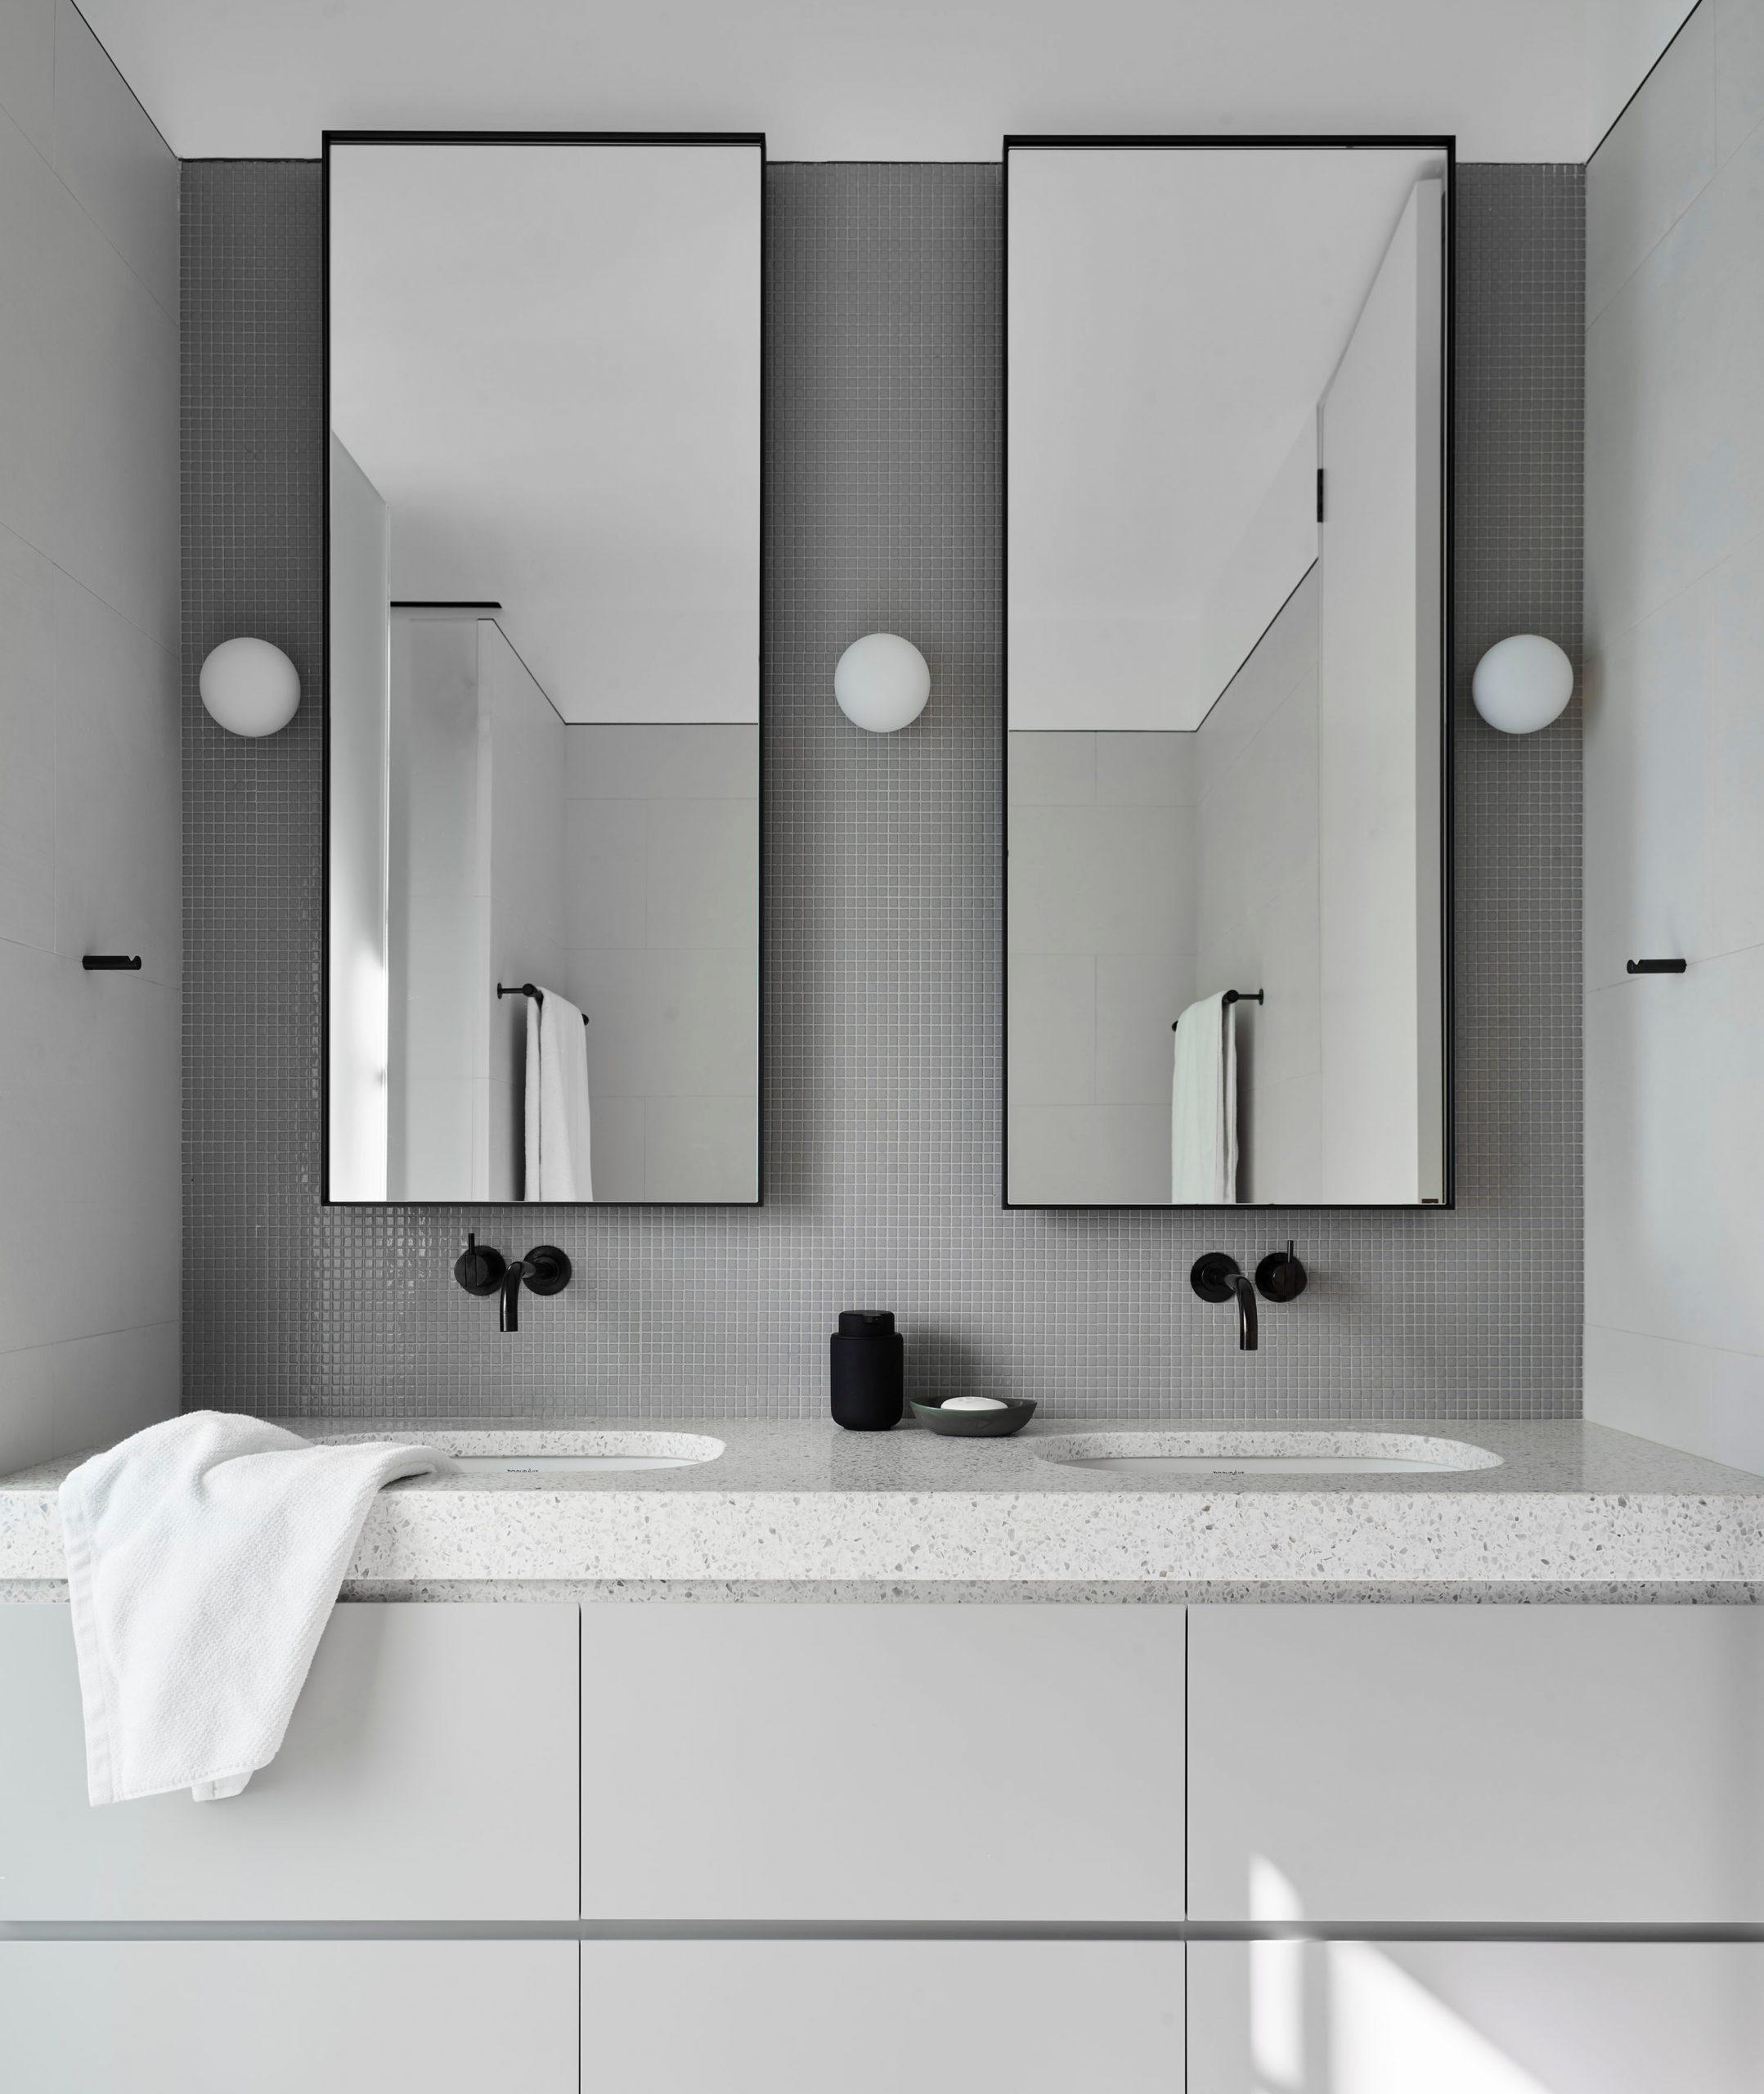 Bathroom vanity for 2